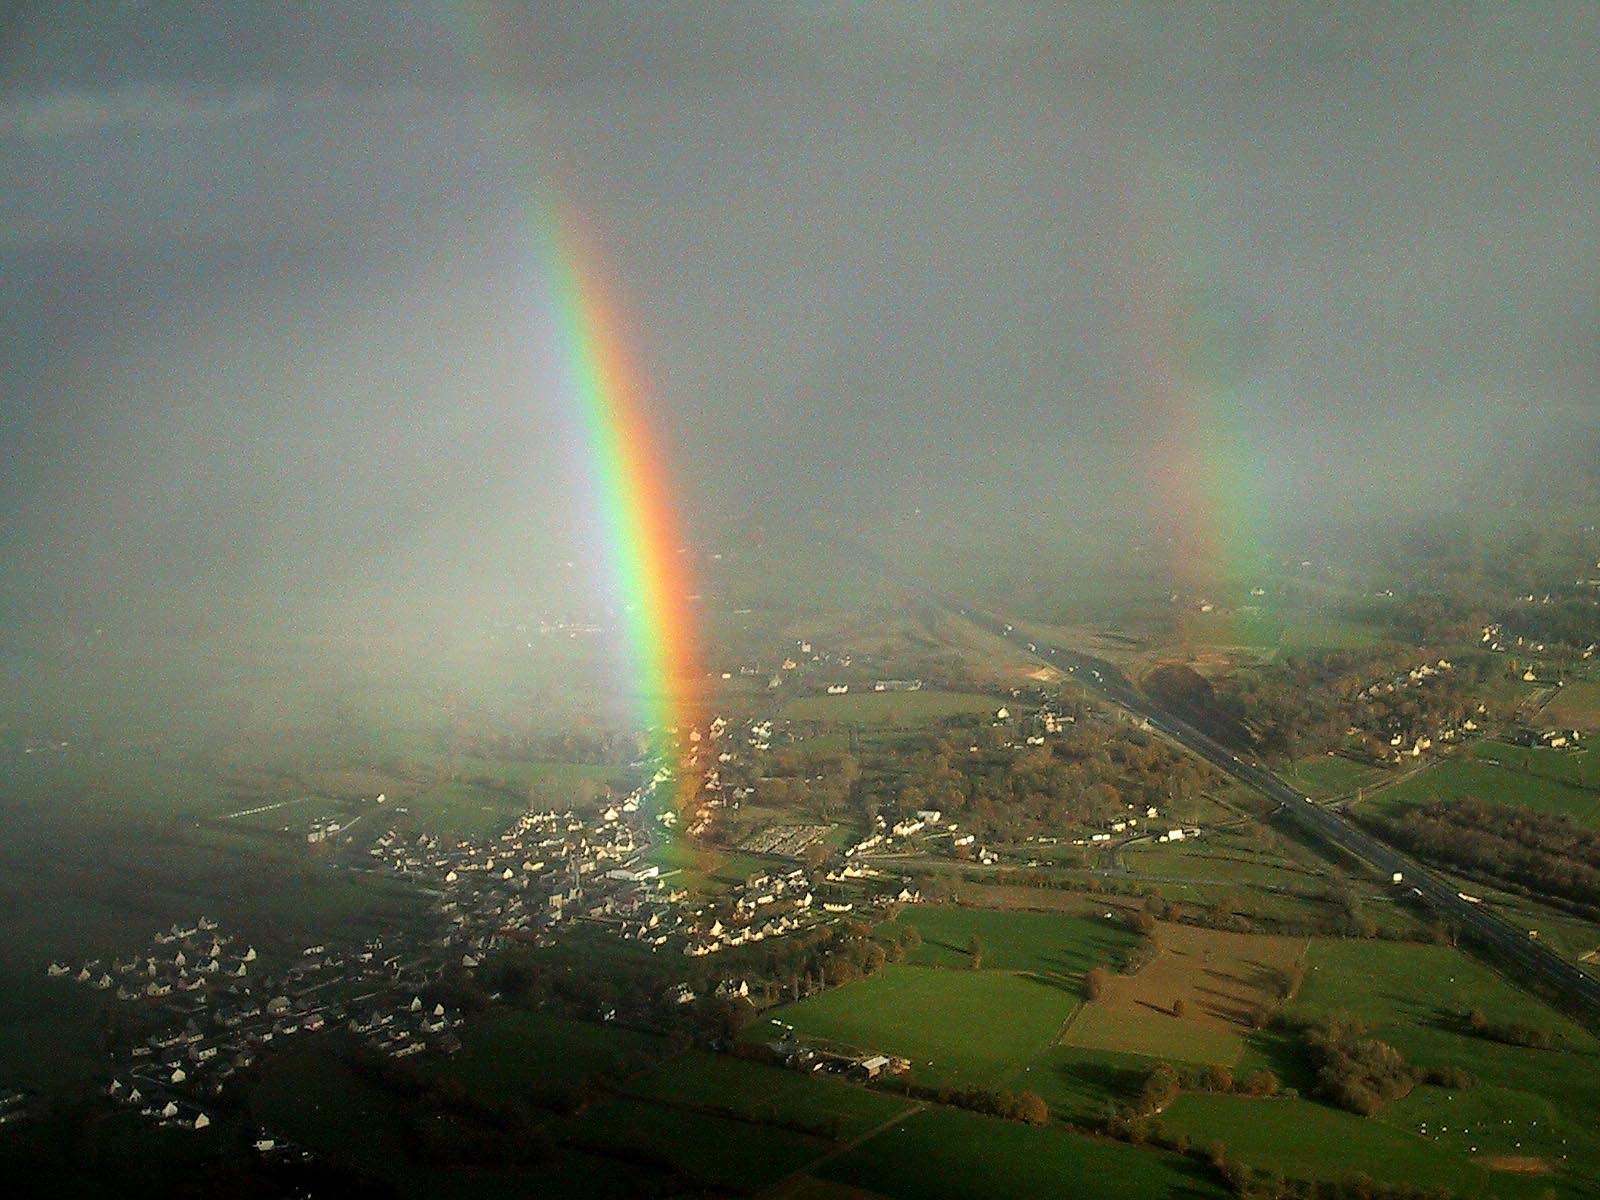 Dobrin, Alex: Over the rainbow